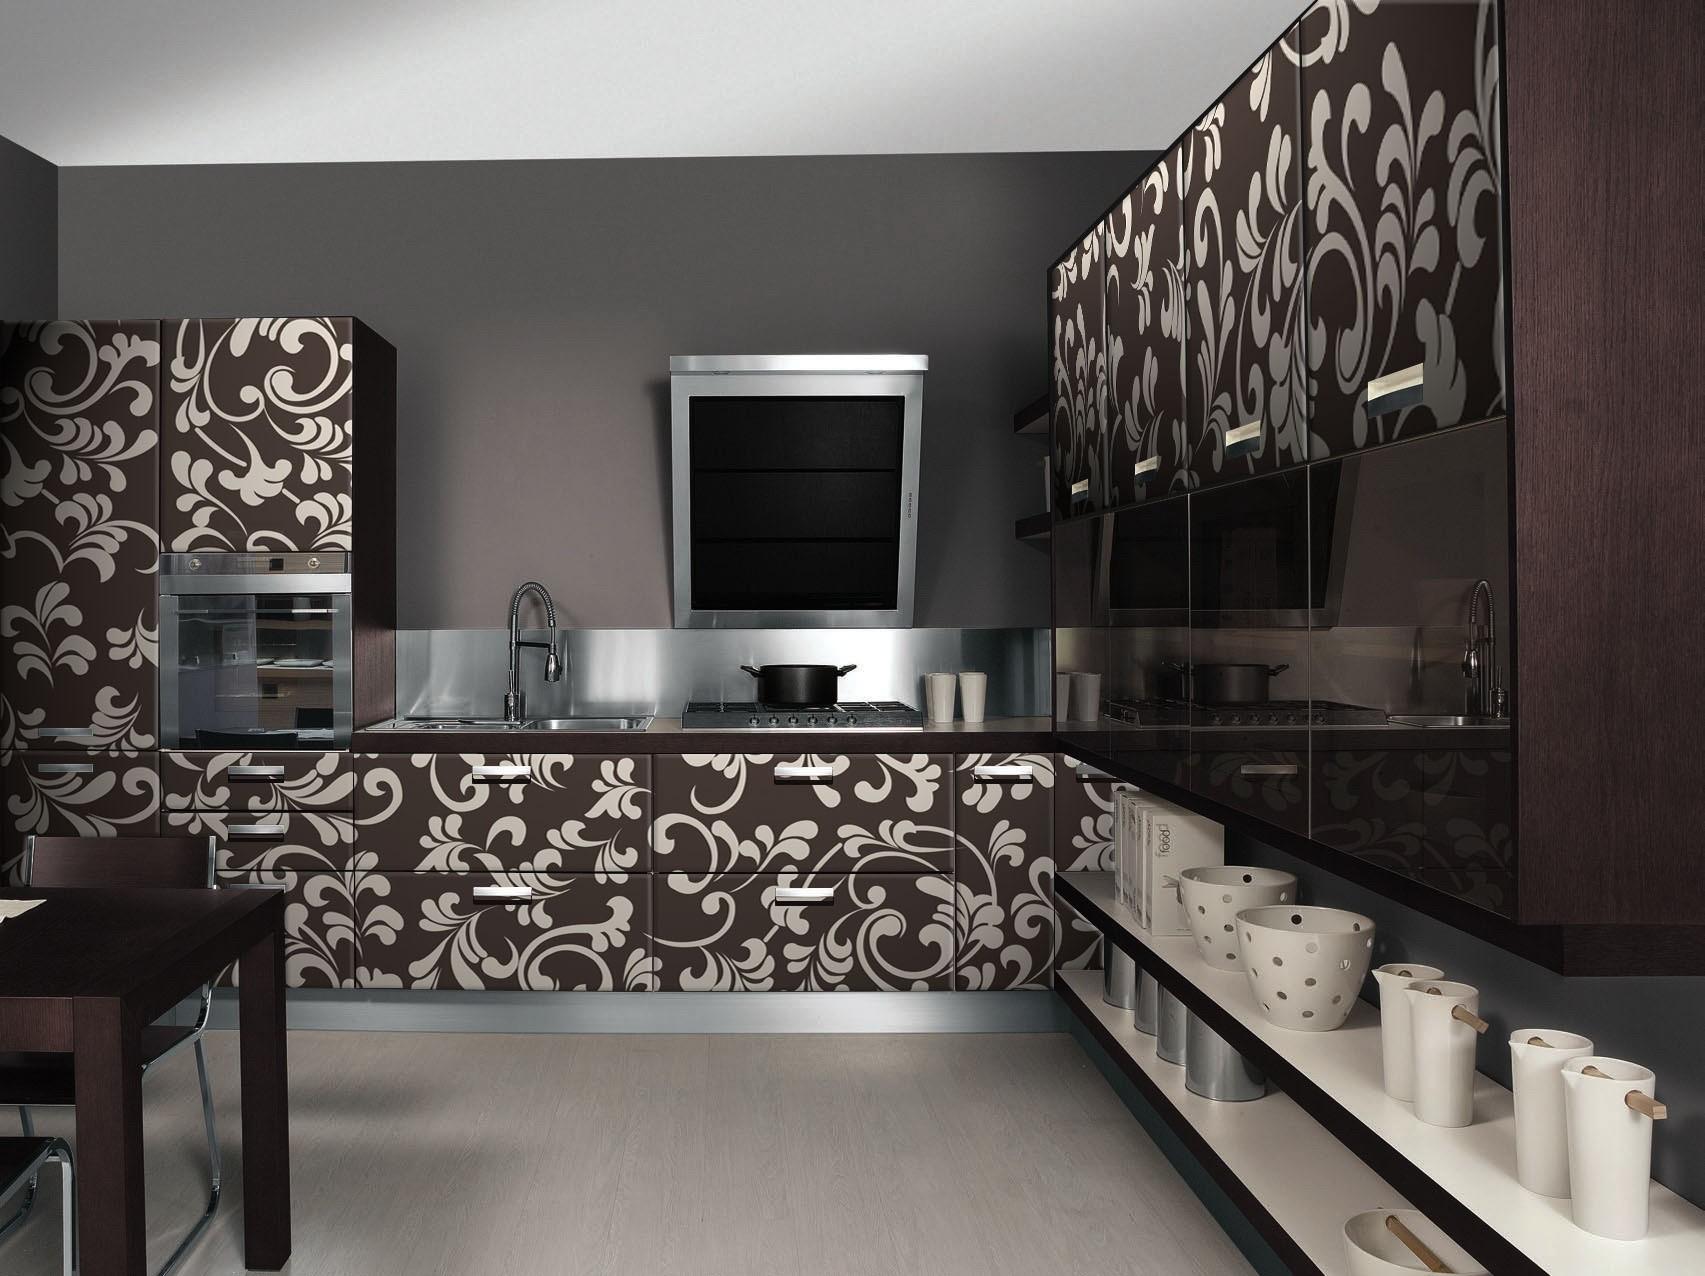 Дизайн кухни с узорами фото